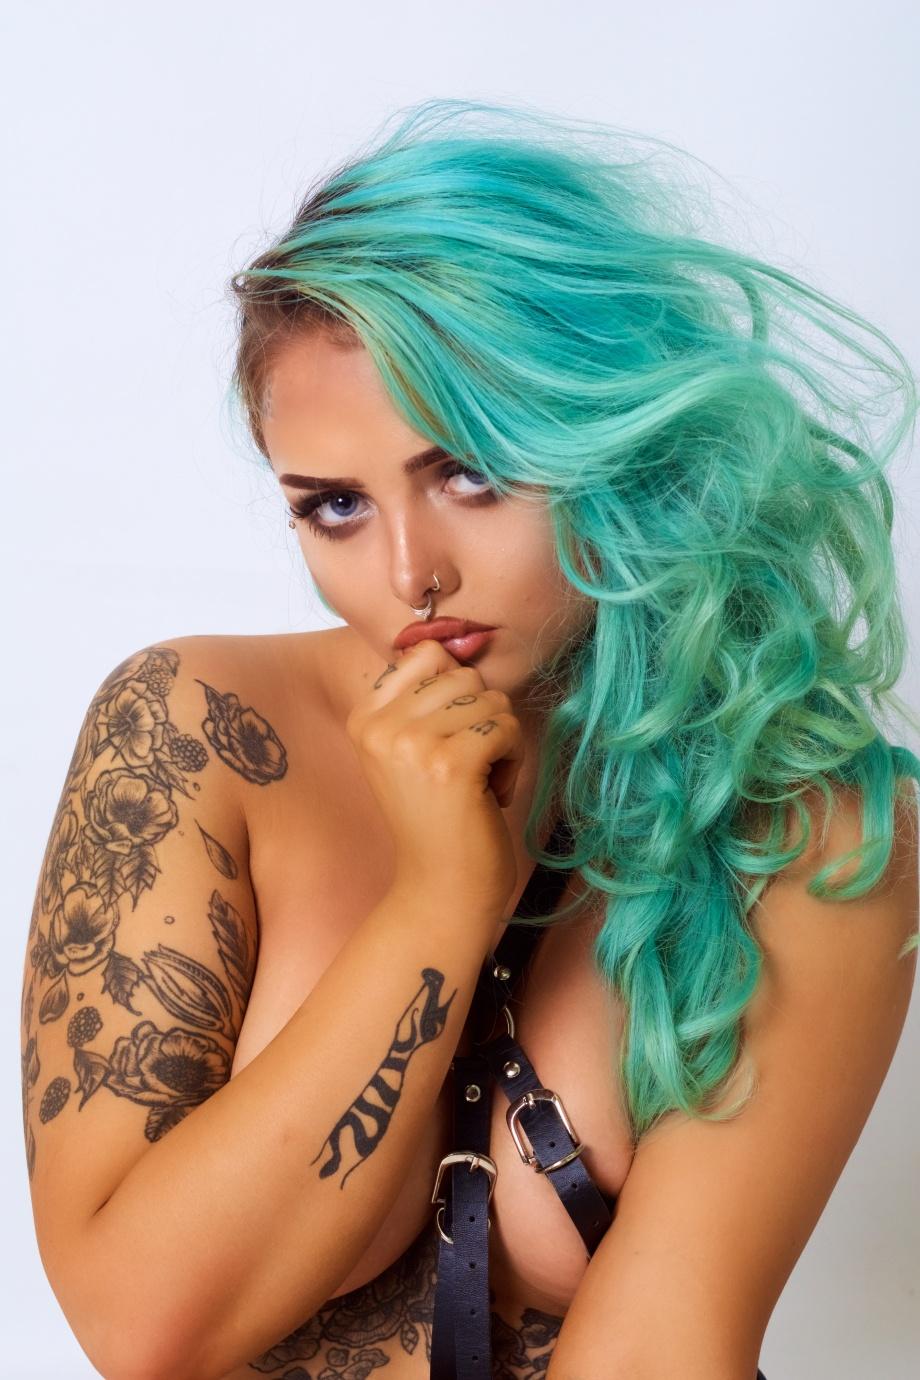 Katie Kitten, alternative, glamour, studio, tattoos, cork, ireland, topless, implied